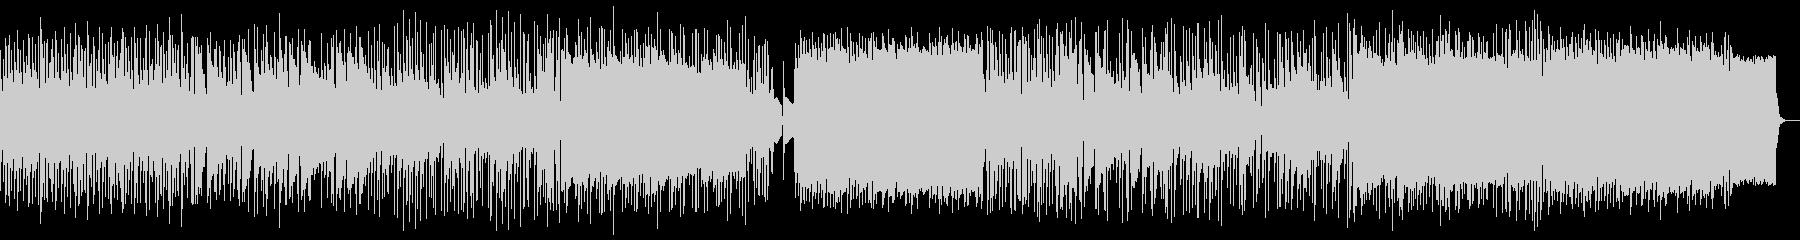 屋根裏部屋イメージ:米フォーク風スロー曲の未再生の波形